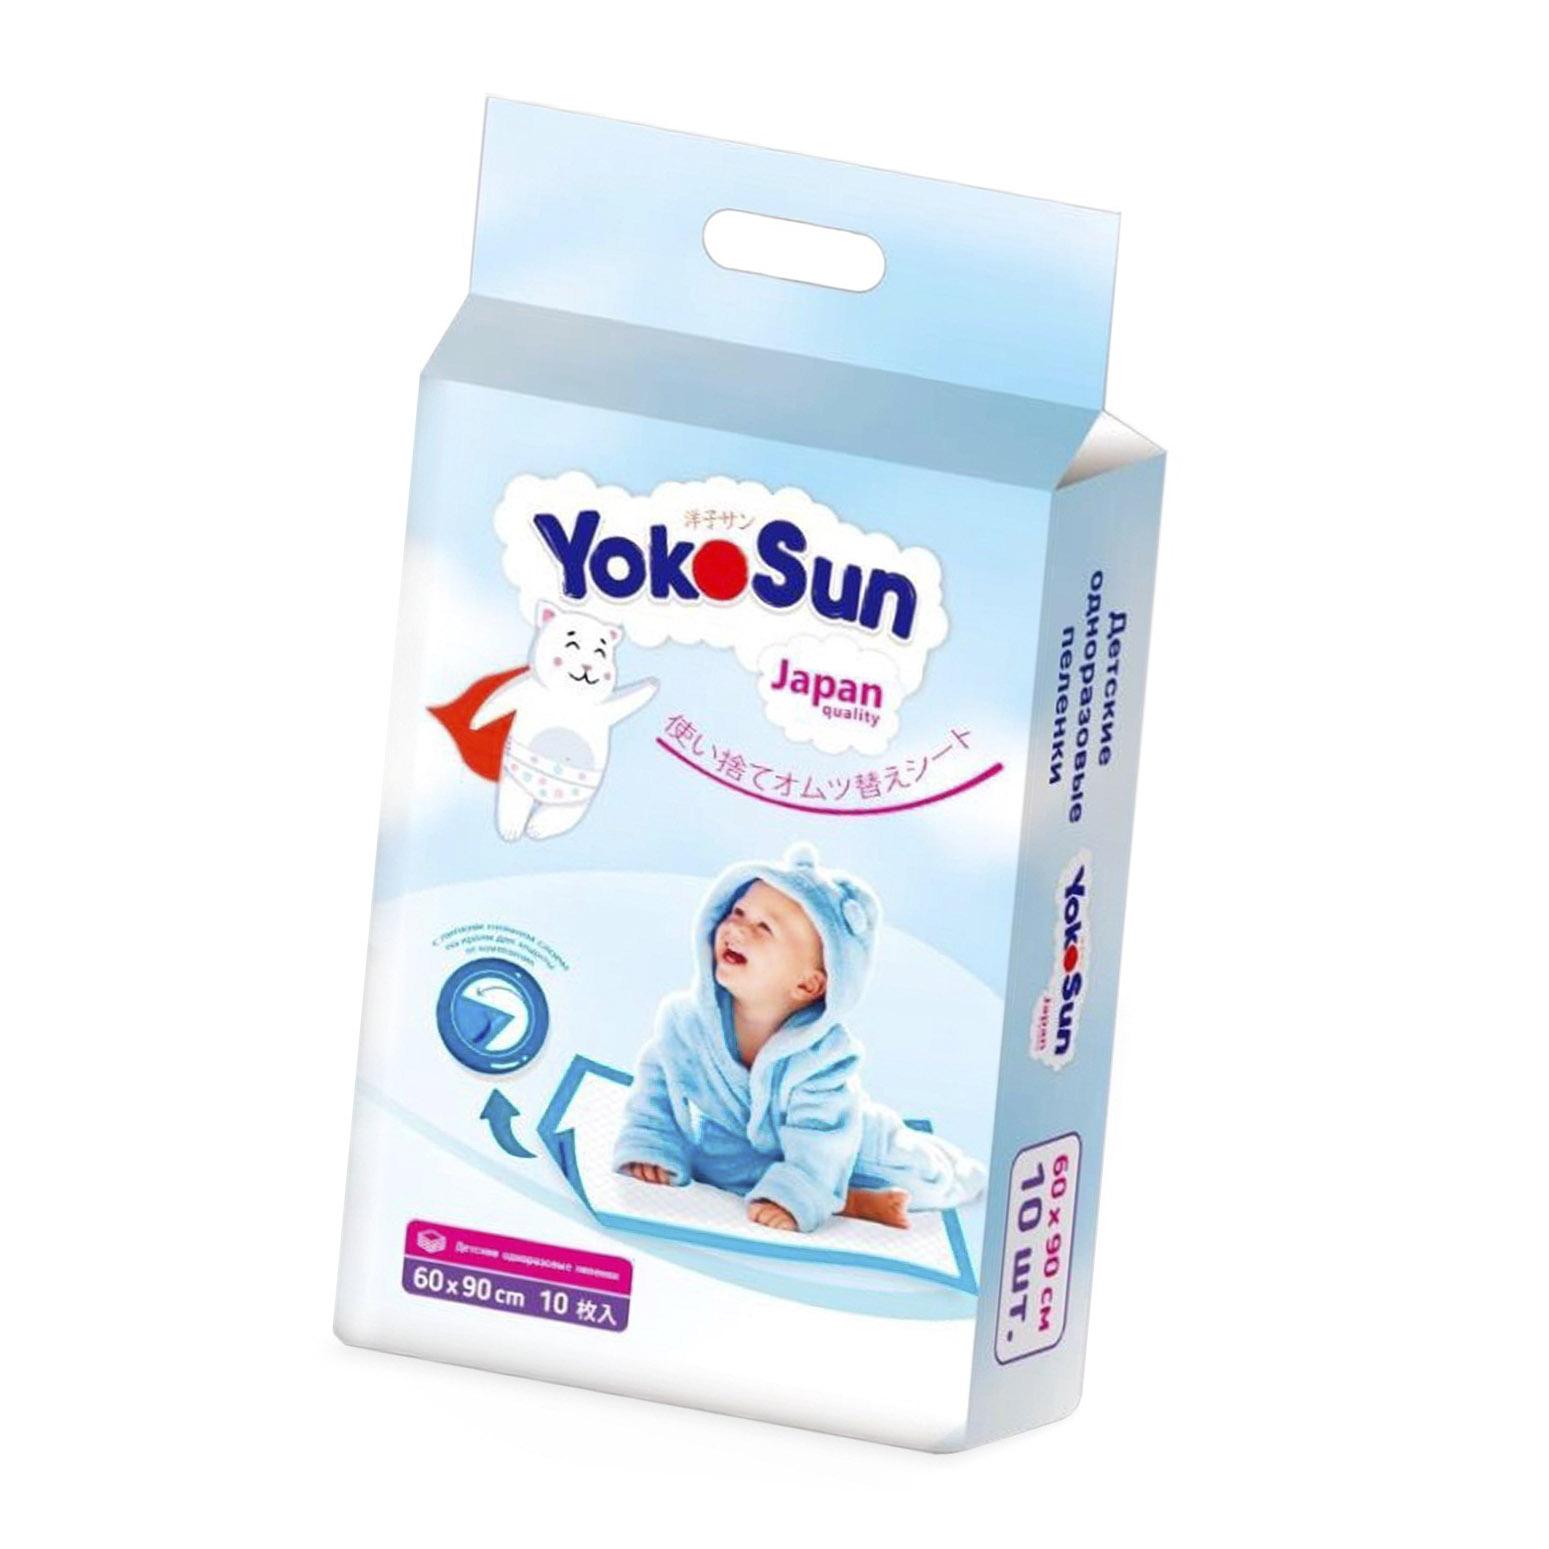 Купить Пеленки Yokosun одноразовые 60х90 см 10 шт, белый, 60x90, полиэстер, целлюлоза, нетканый материал, абсорбирующие полимеры, Для детей,